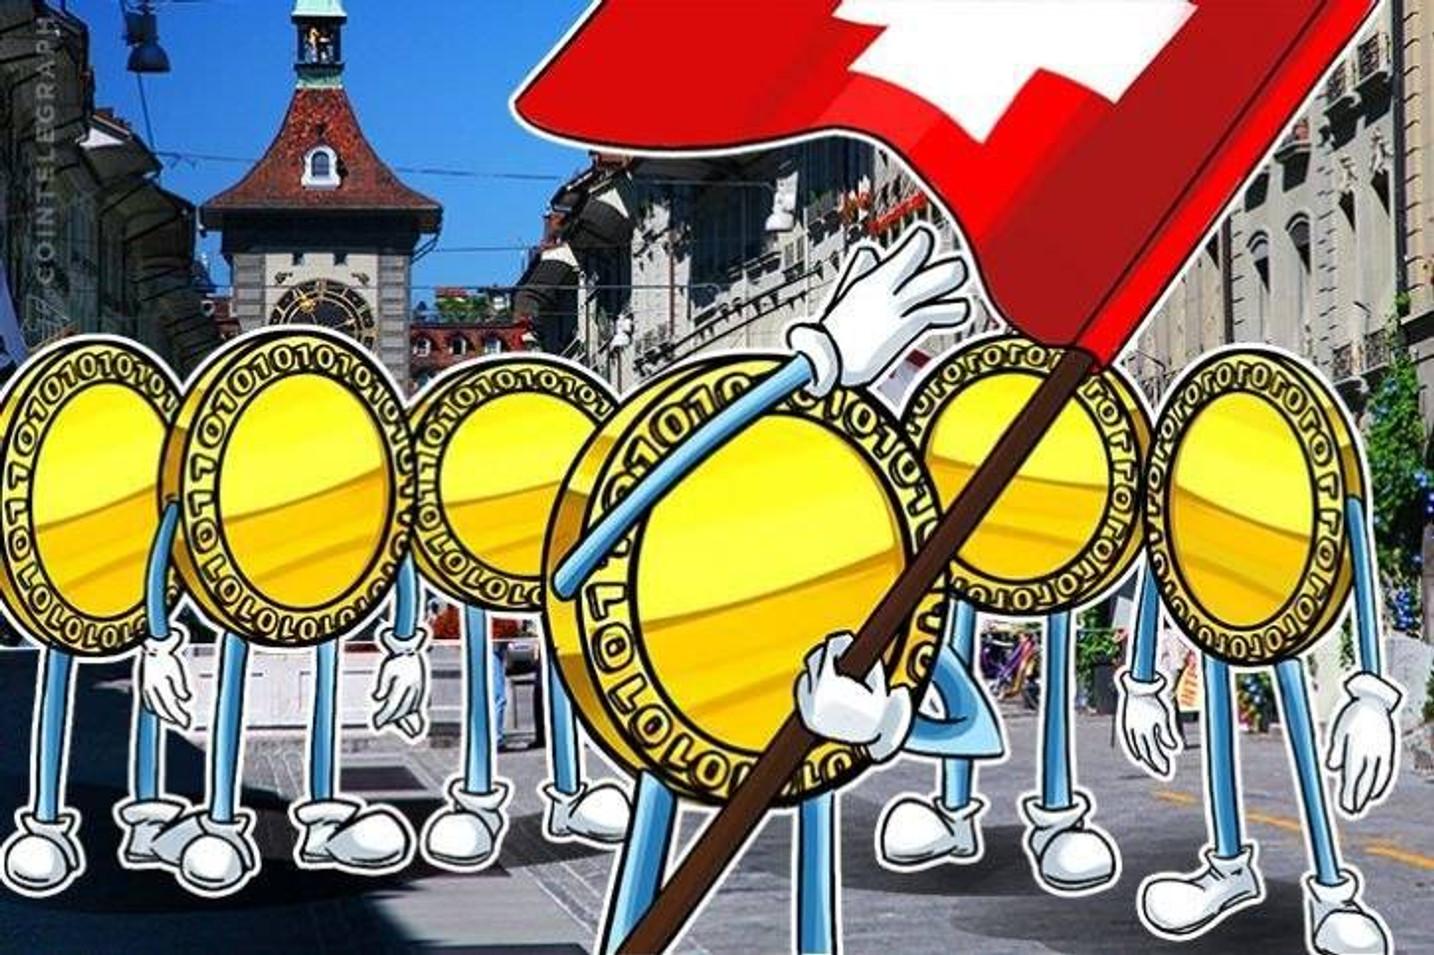 إنشاء مؤسسة تجارية جديدة تخطط لتعزيز بلوكتشين في سويسرا